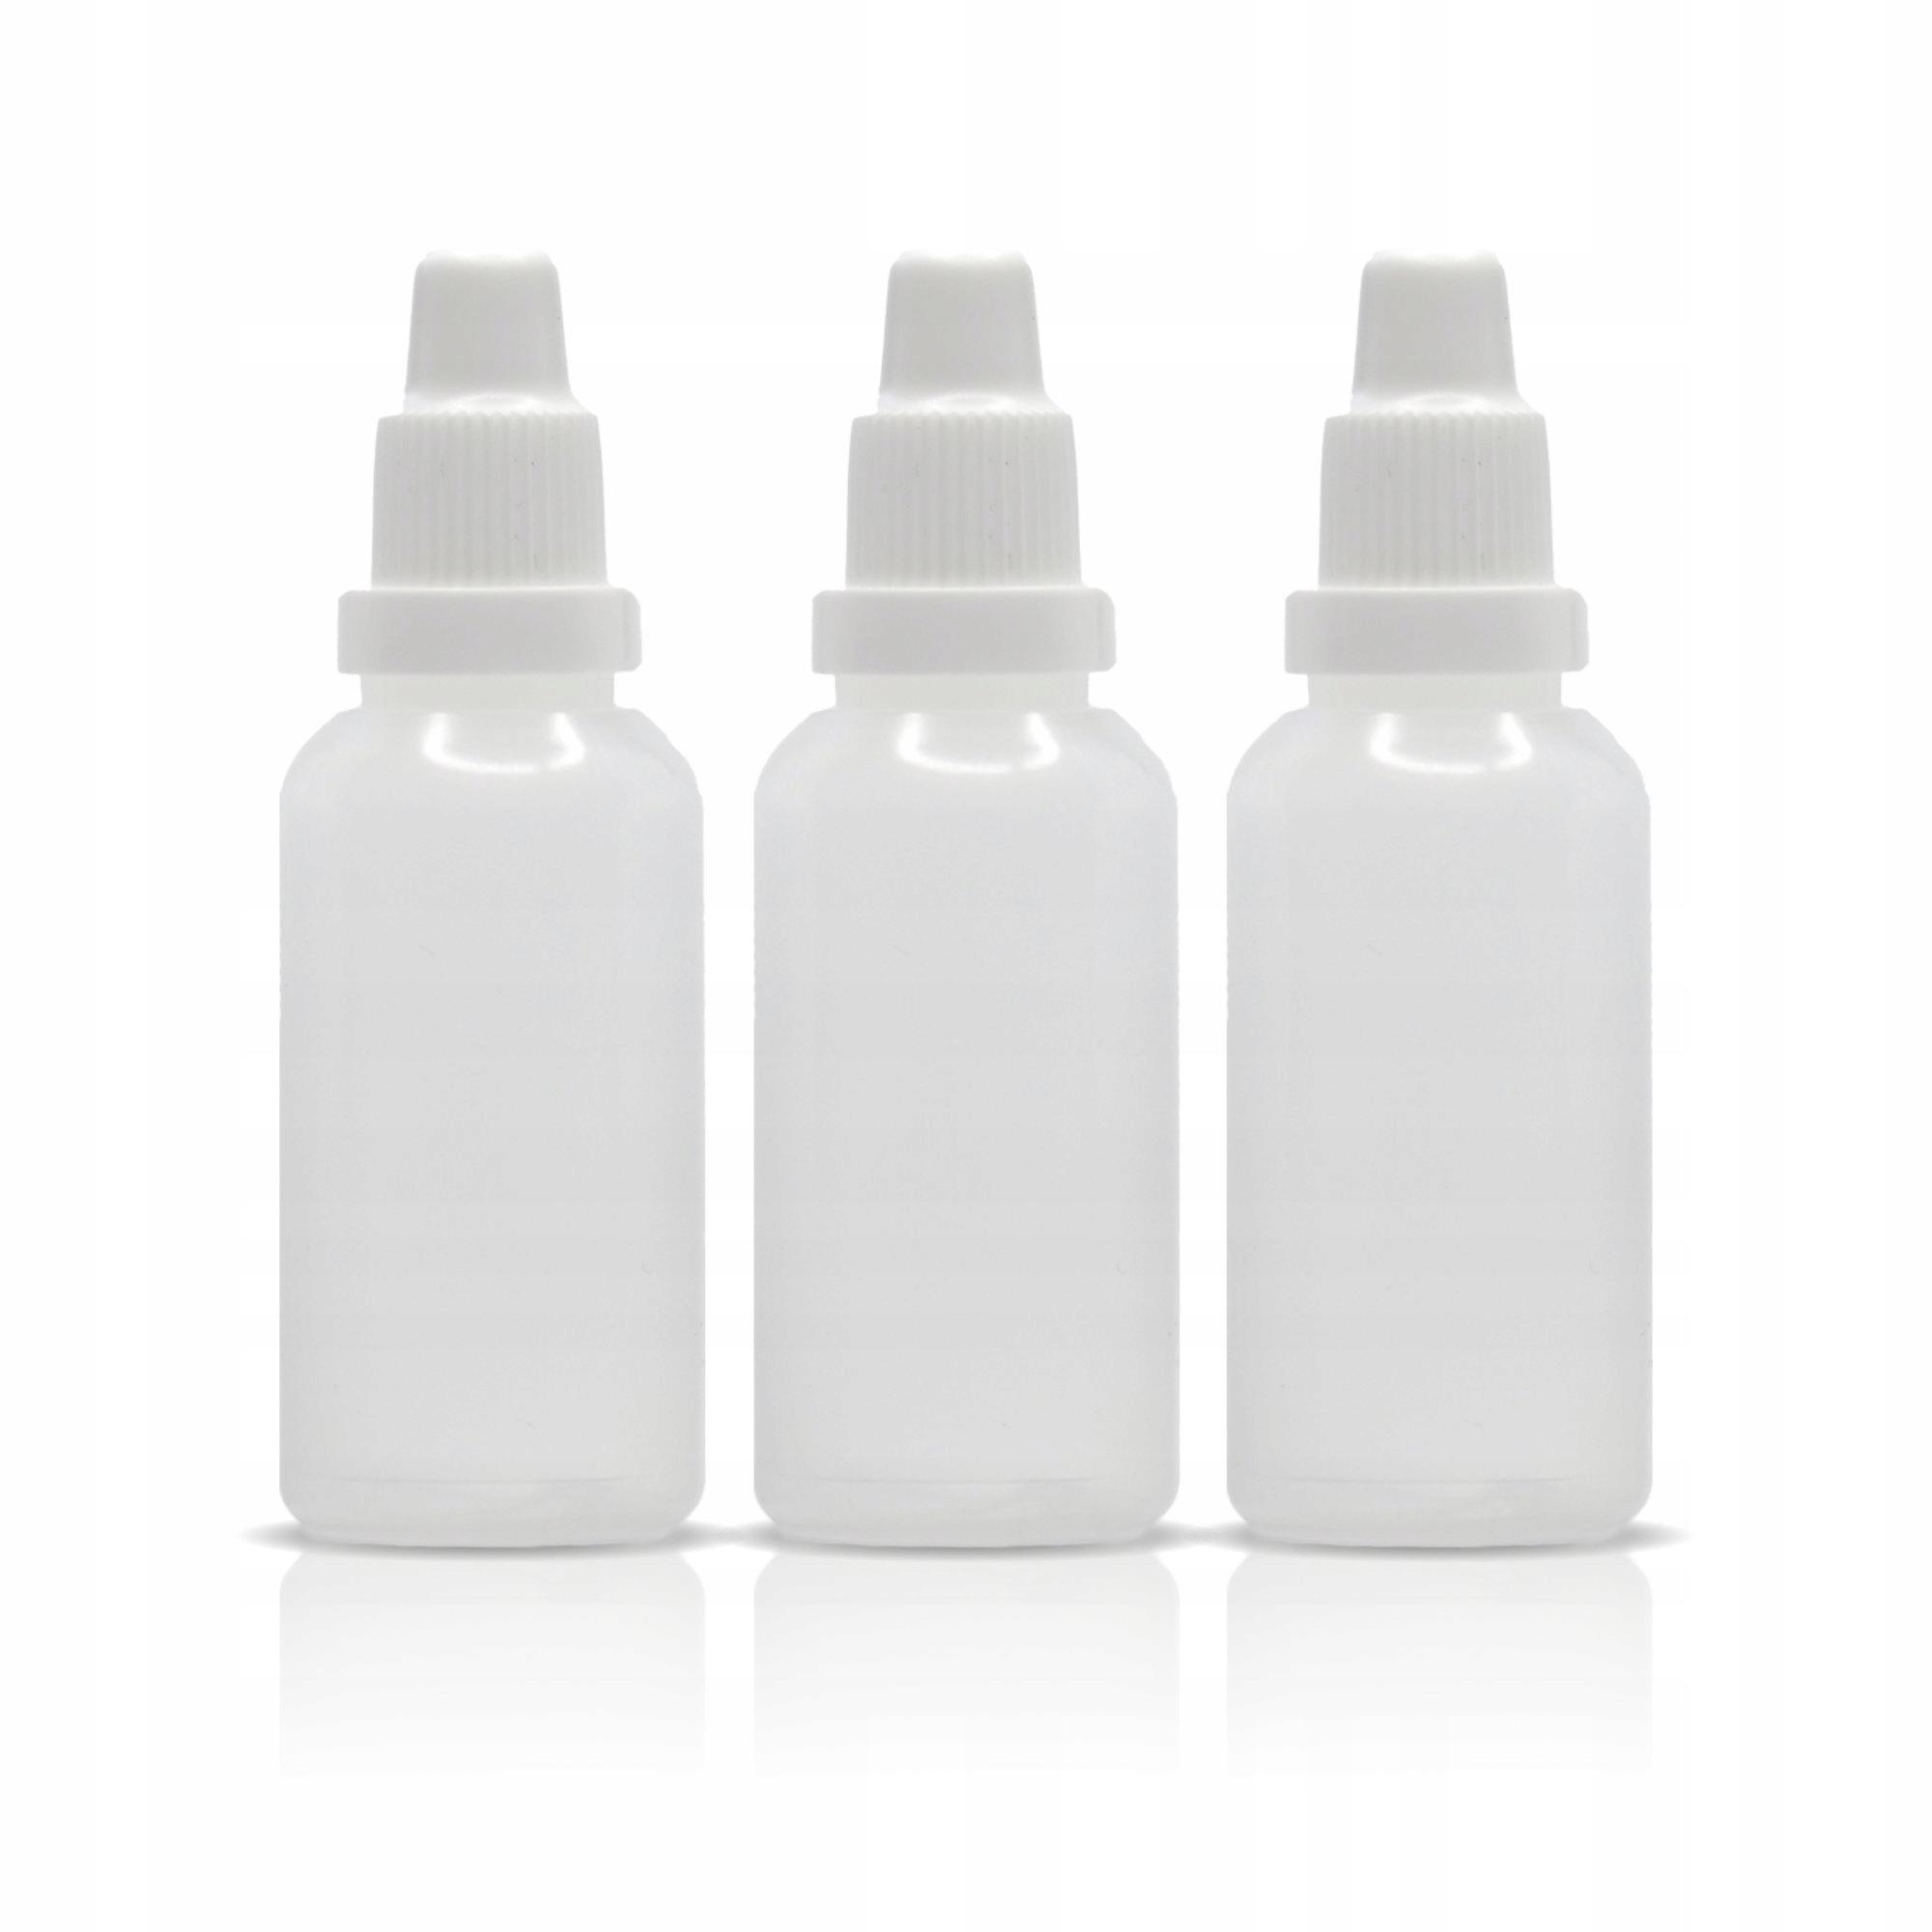 Zestaw 3 x butelka 30 ml i dozownik i nakrętka